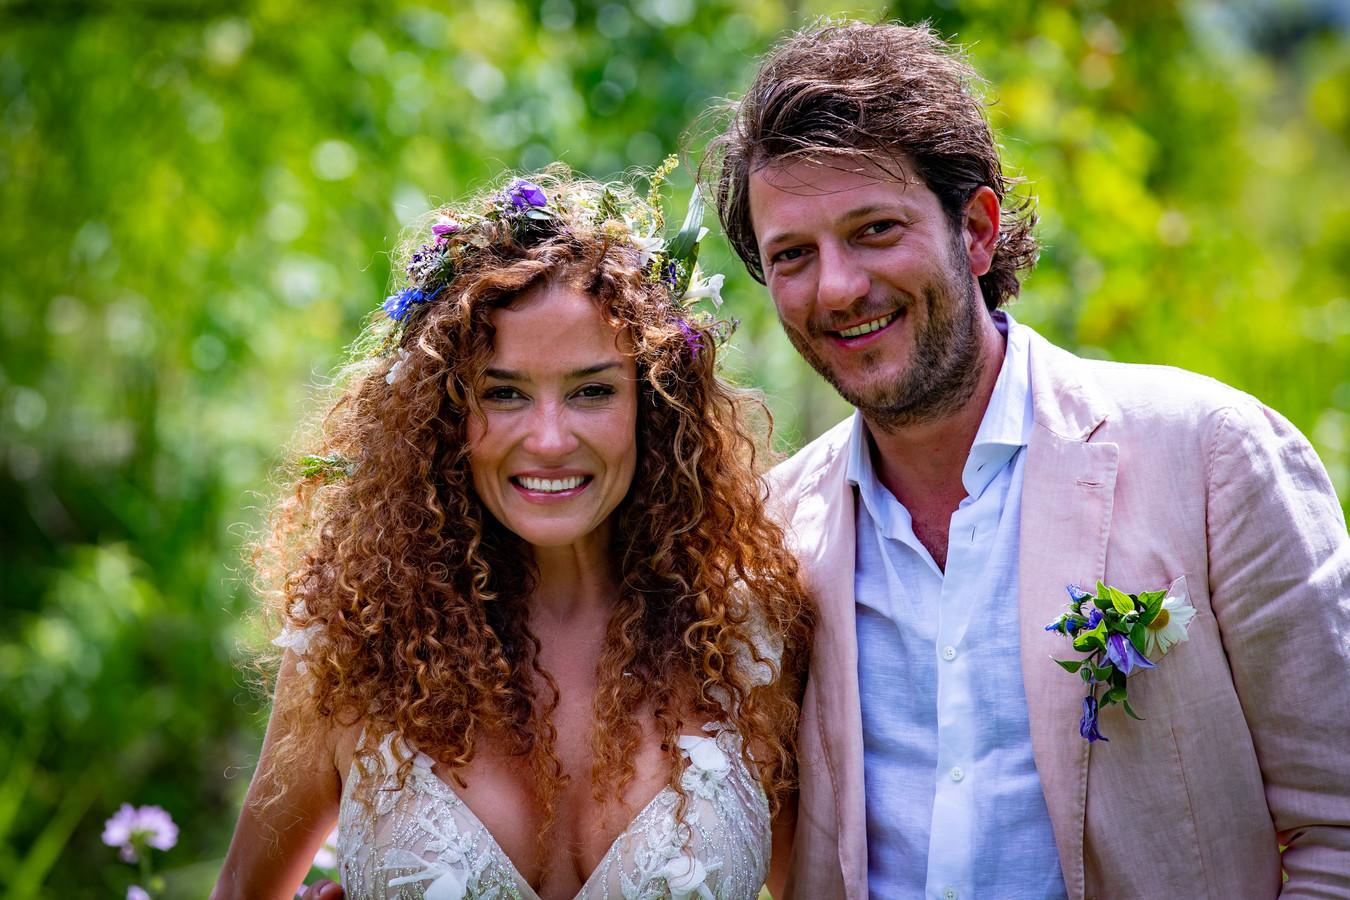 Katja Schuurman en Freek van Noortwijk stapten deze zomer in het huwelijksbootje